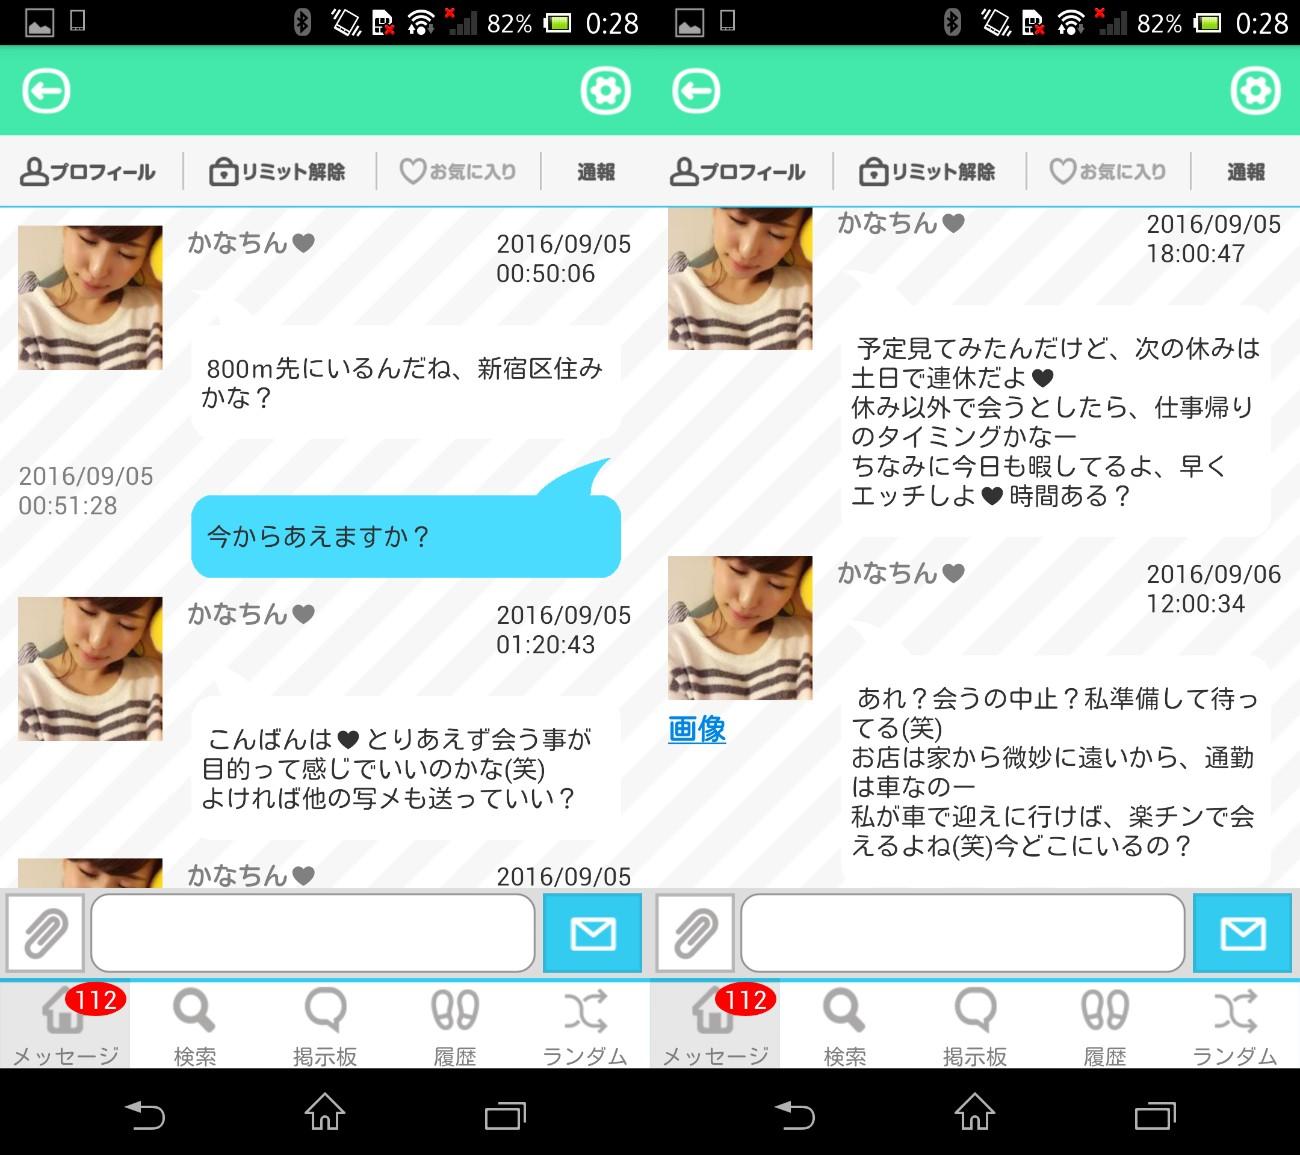 出会い系アプリ「ちょこっとメッセージ」サクラ